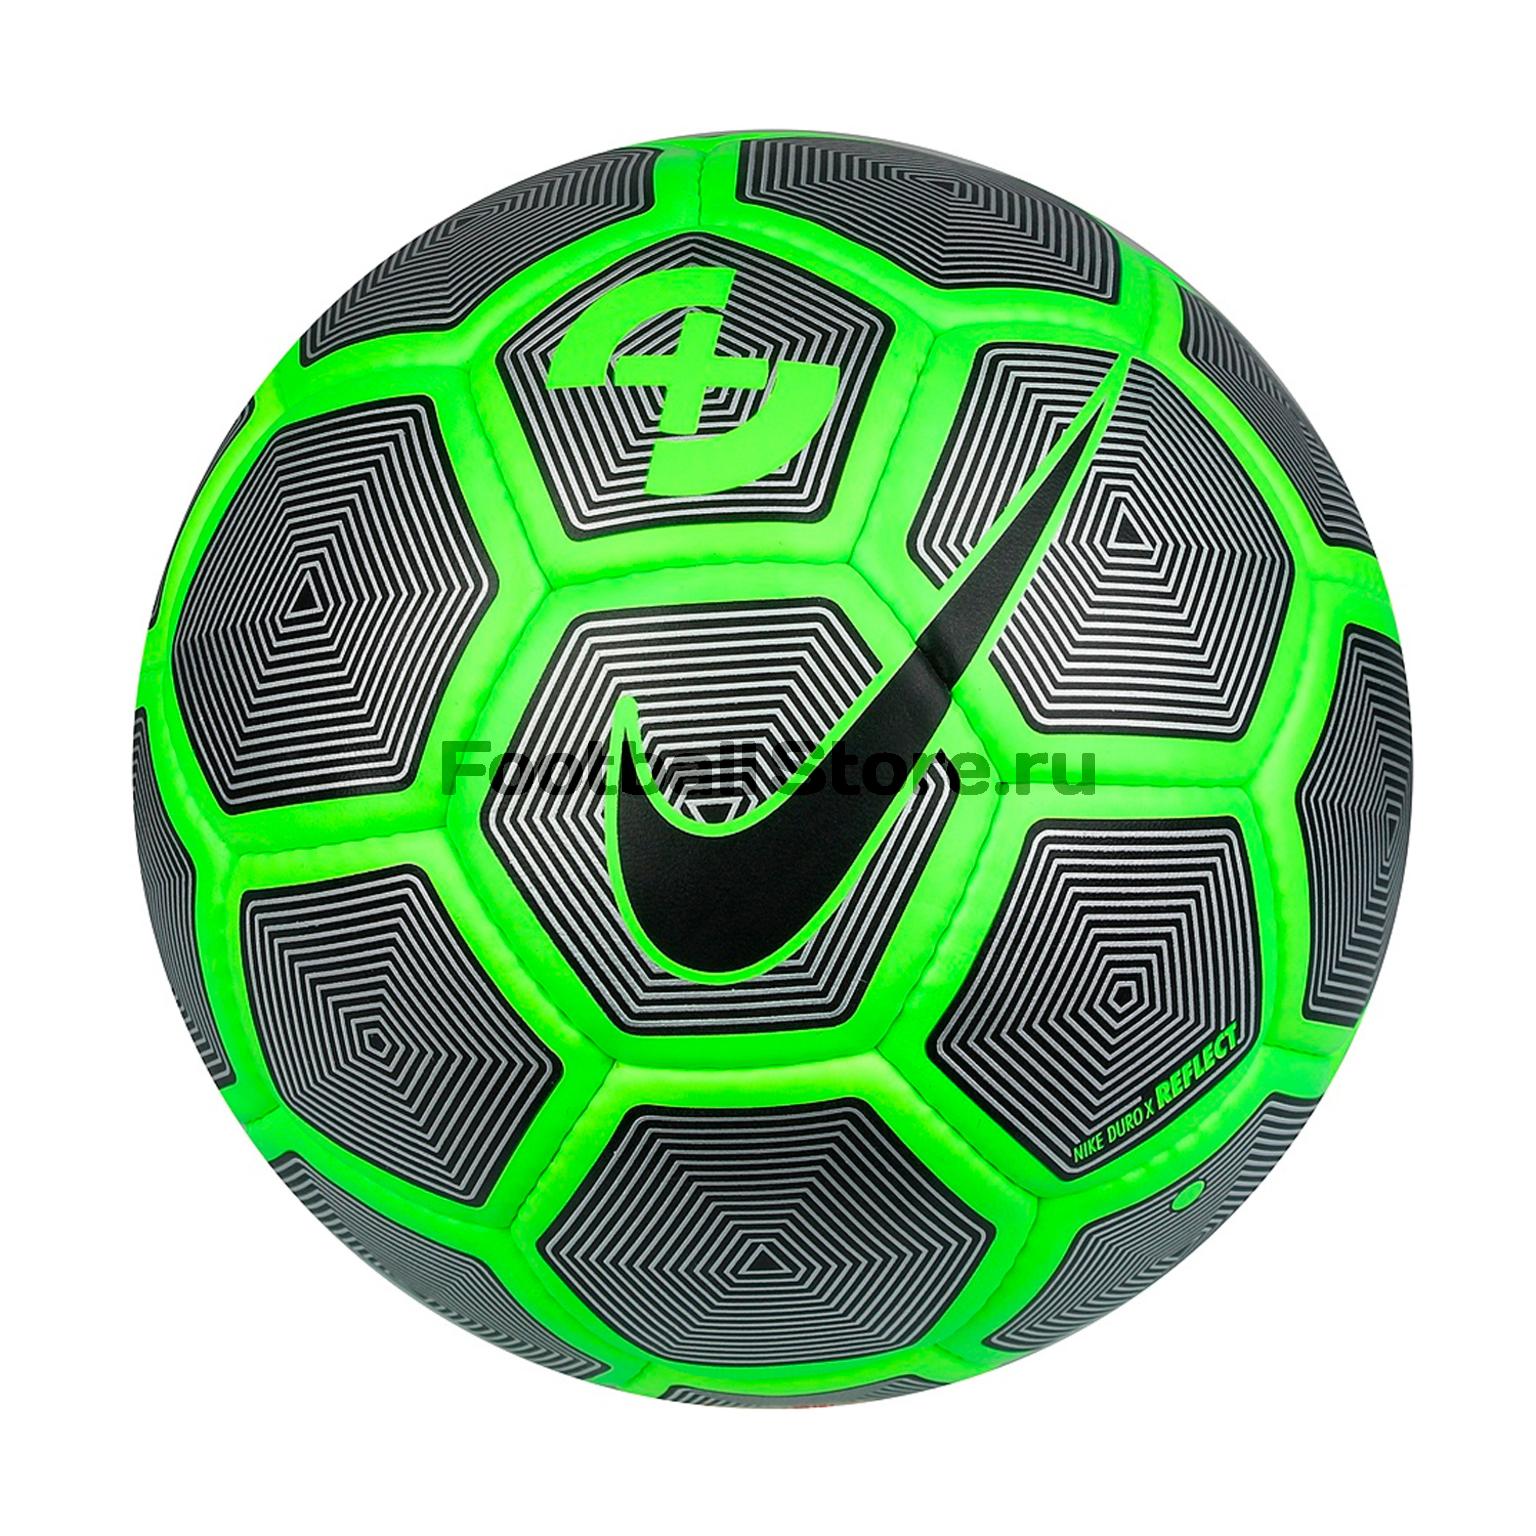 Myach Nike Football X Duro Sc3099 010 Kupit V Internet Magazine